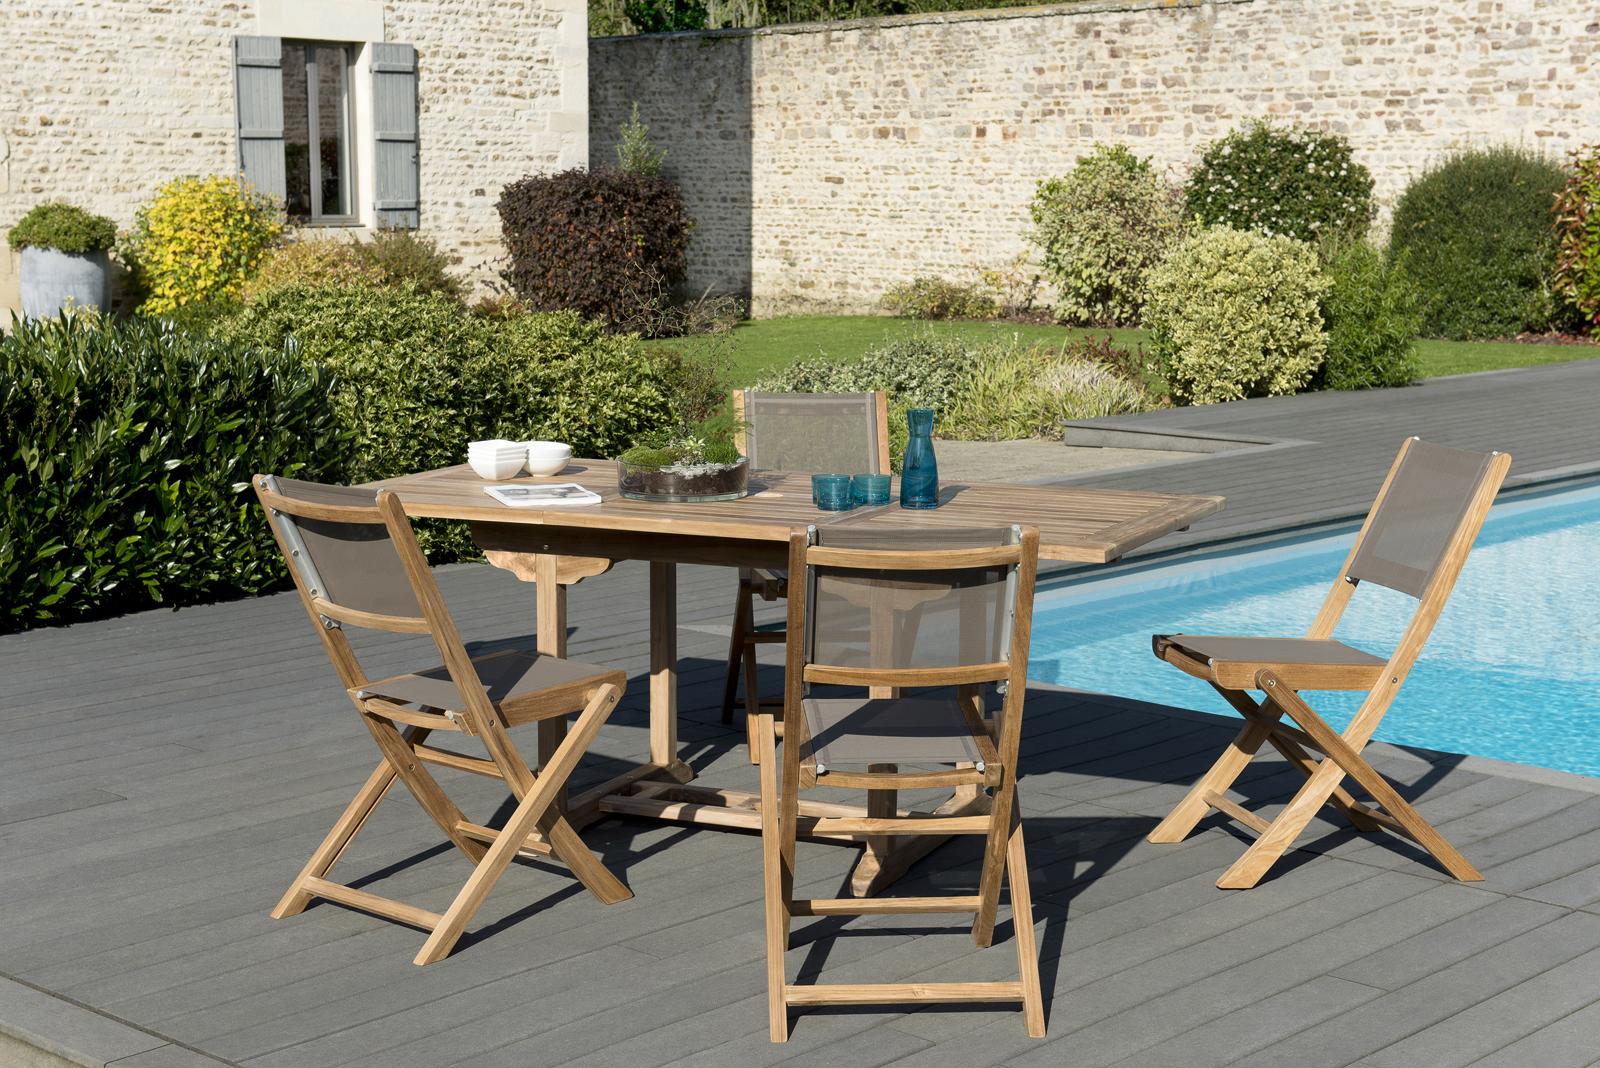 Salon de Jardin Teck Table extensible 120/180 + 4 chaises pliantes ...